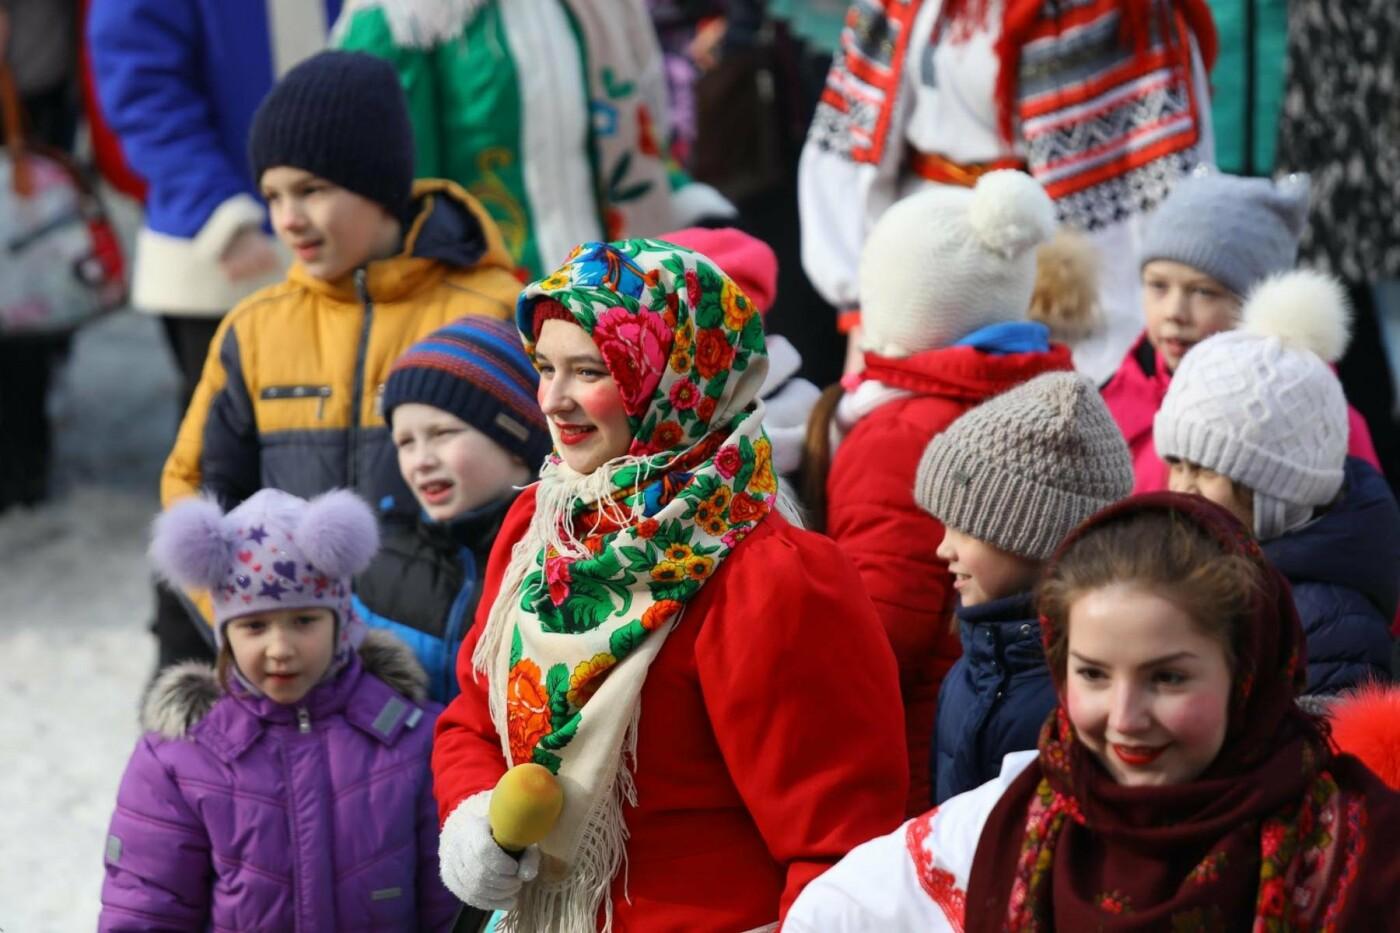 Белгородцы отметили Масленицу — фоторепортаж, фото-8